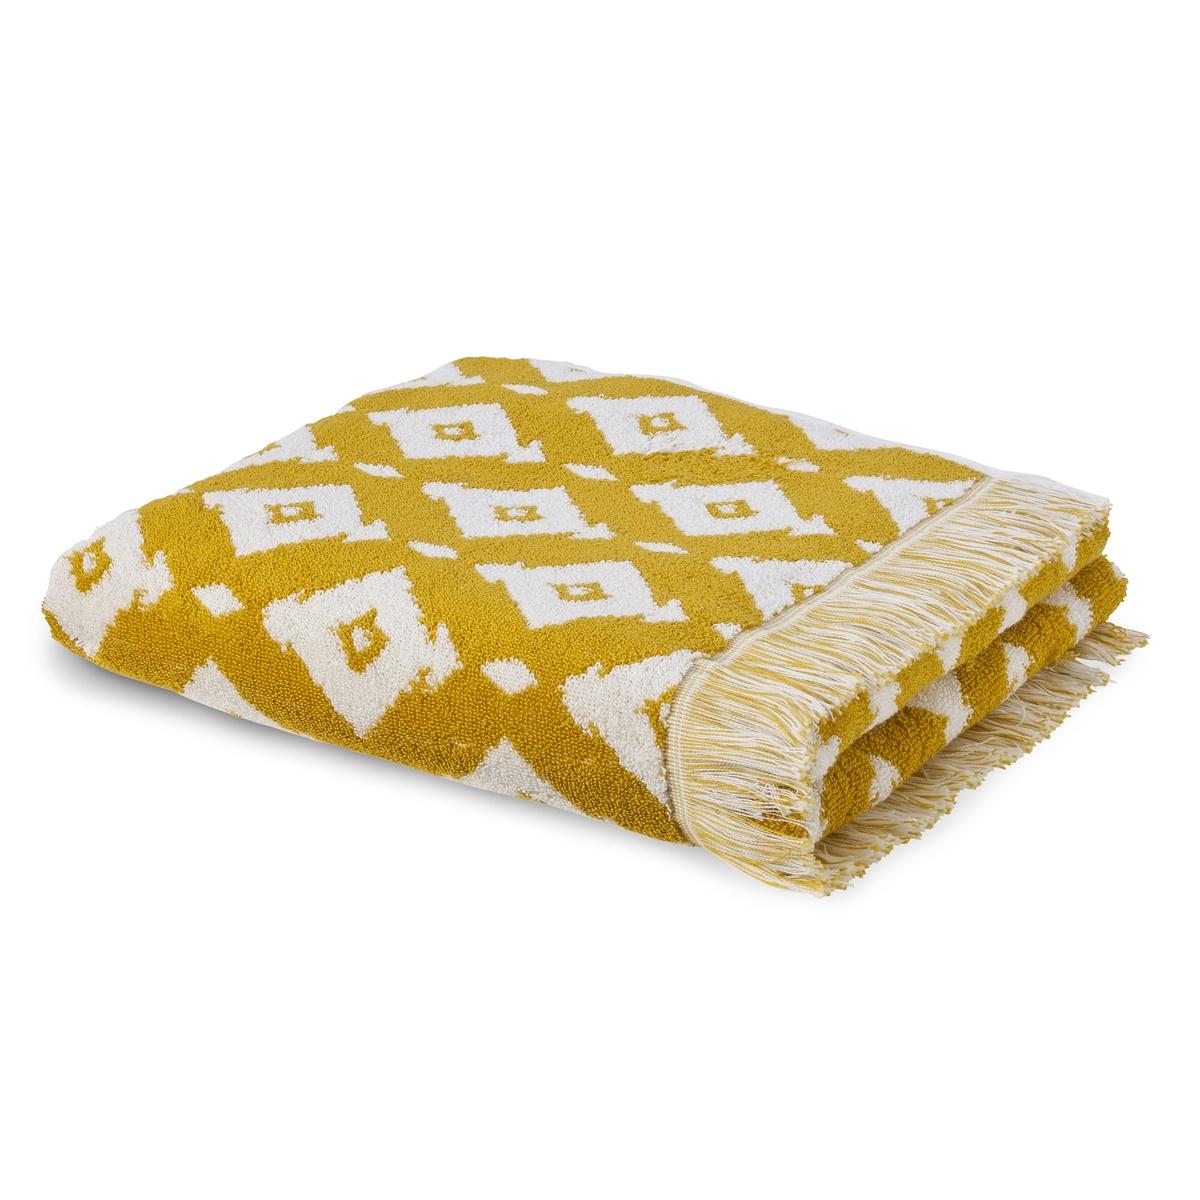 Полотенце банное с жаккардовым рисунком IKA полотенца кухонные la pastel полотенце gabel 50х70 вишня